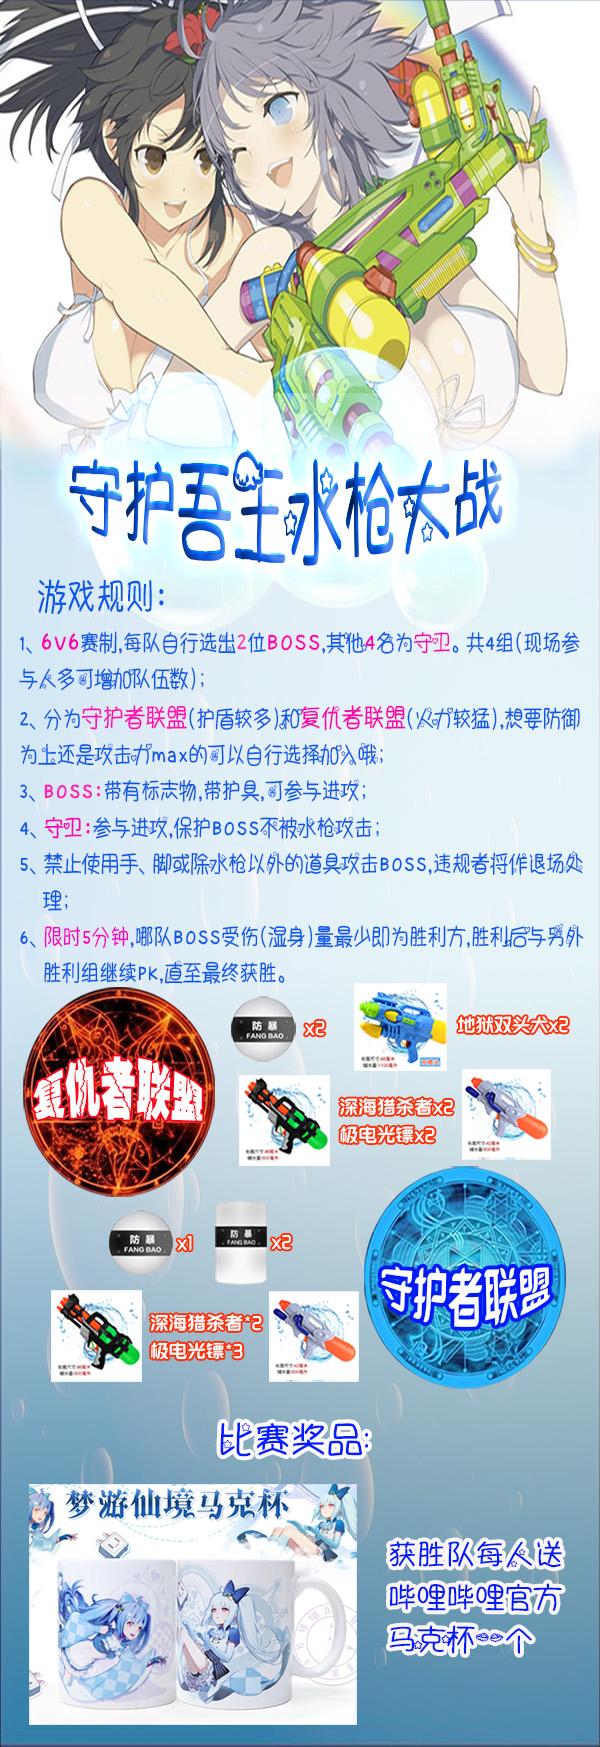 4 无限宅腐动漫嘉年华ZF15 携手波澜哥、柏凝、妖少火热登场!